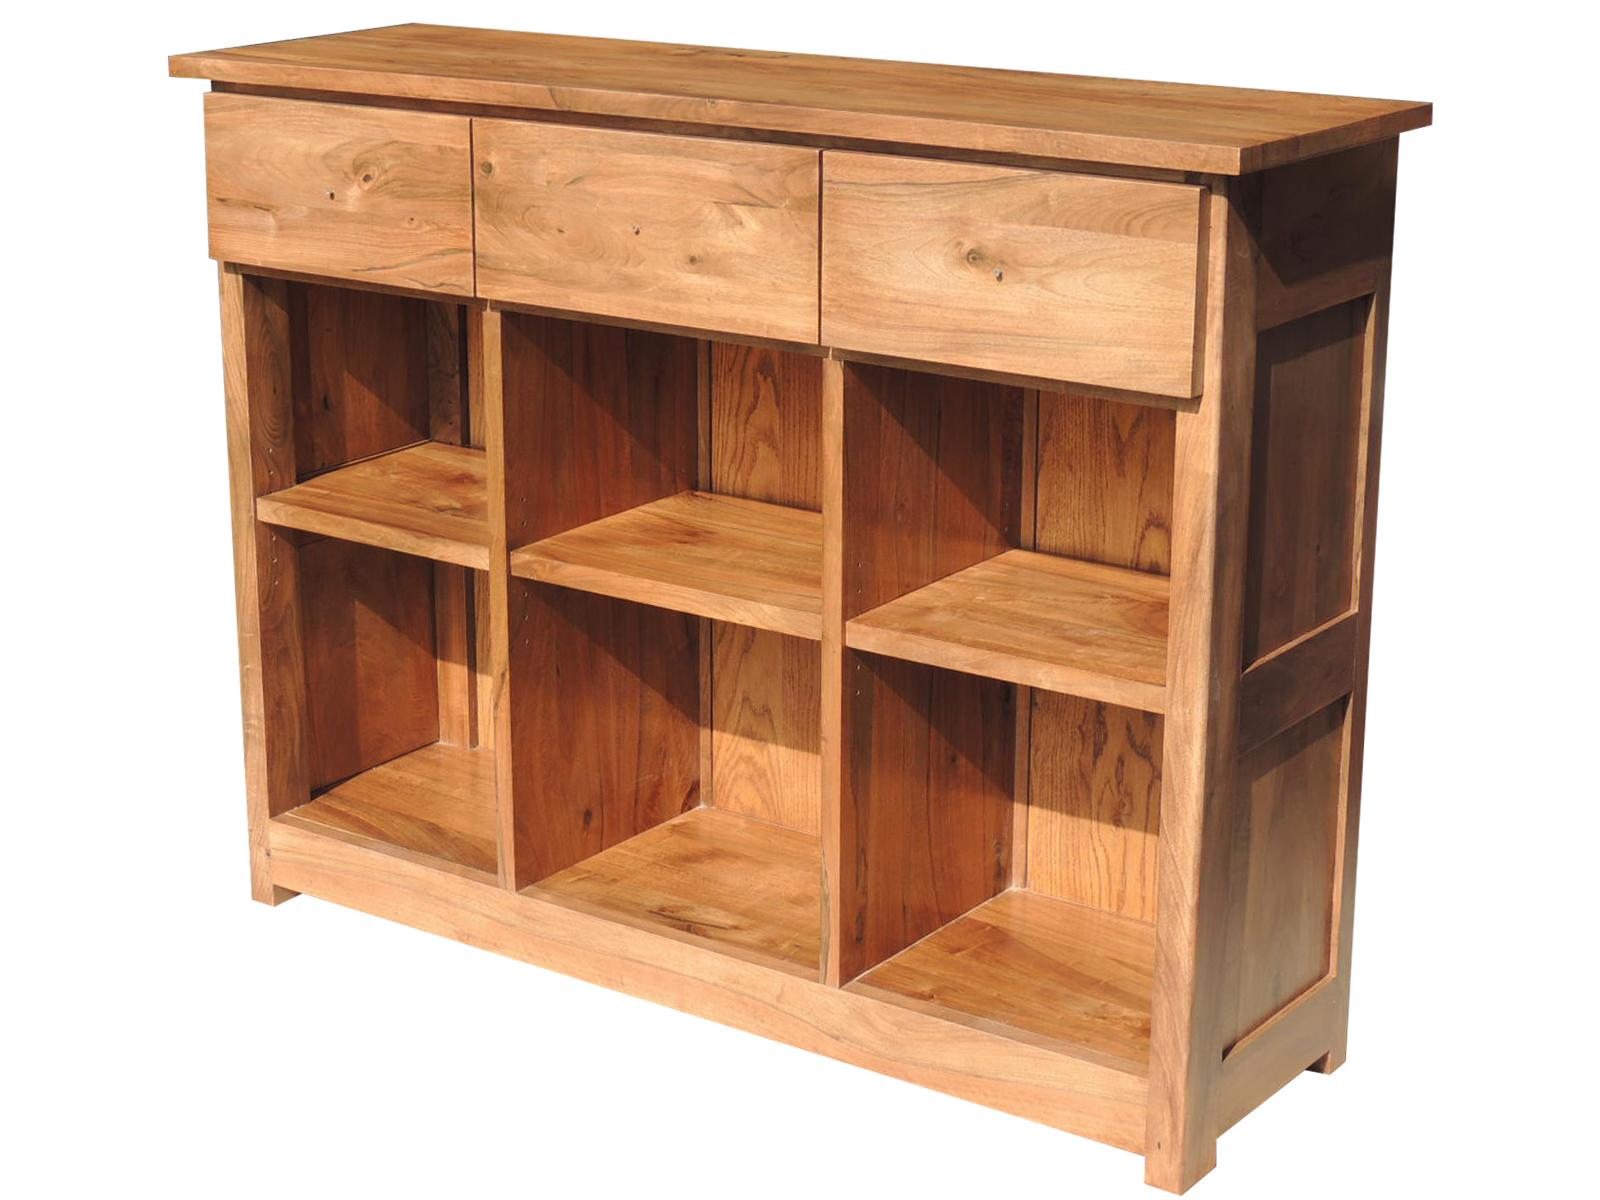 http://www.ateliercannelle.com/en/ - walnut furniture